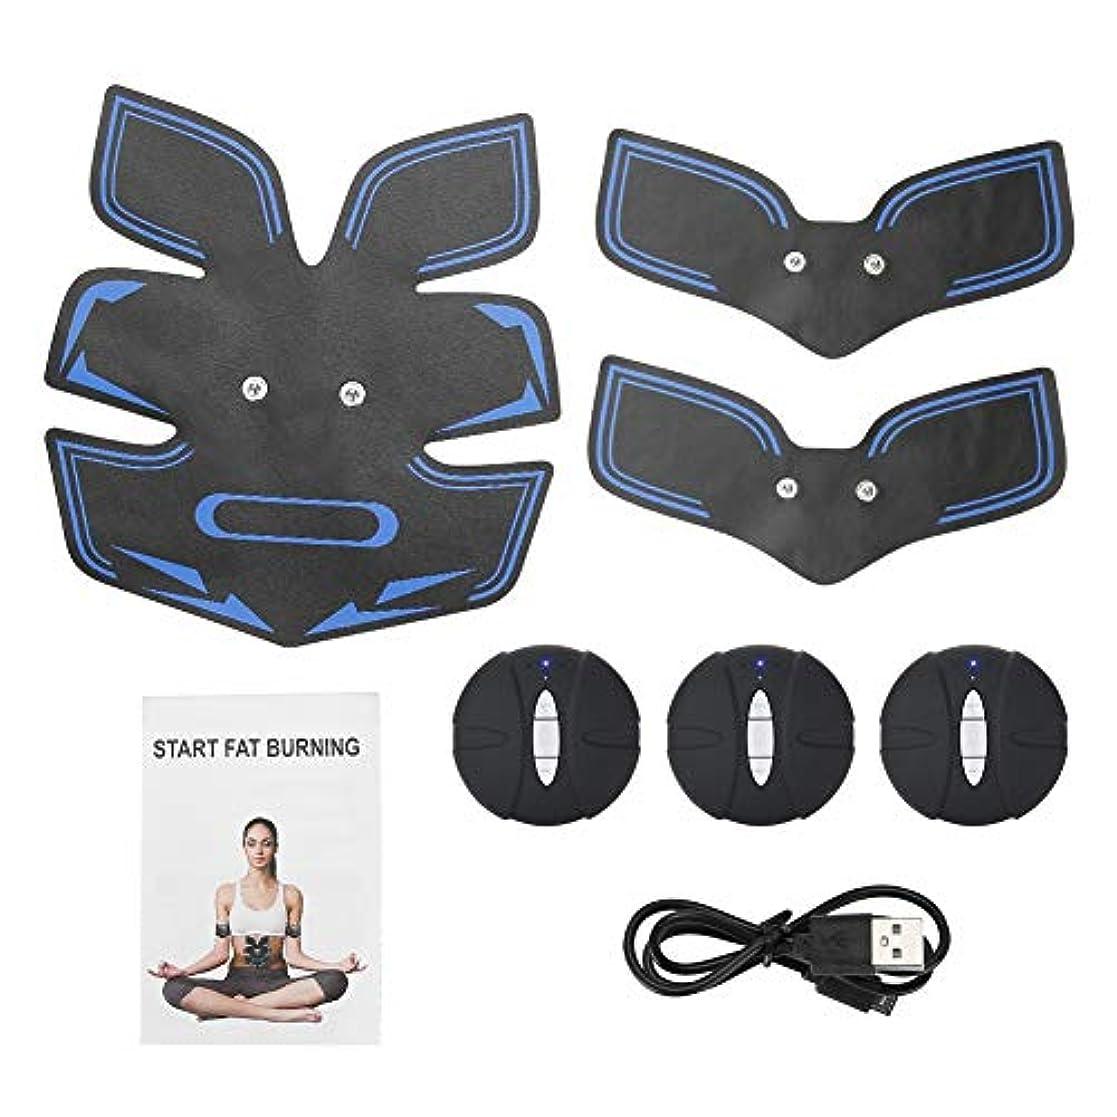 アラート代表して石油電気筋肉装置、腹部のマッサージャーは女性および男性のための整形マッサージの効果を達成します